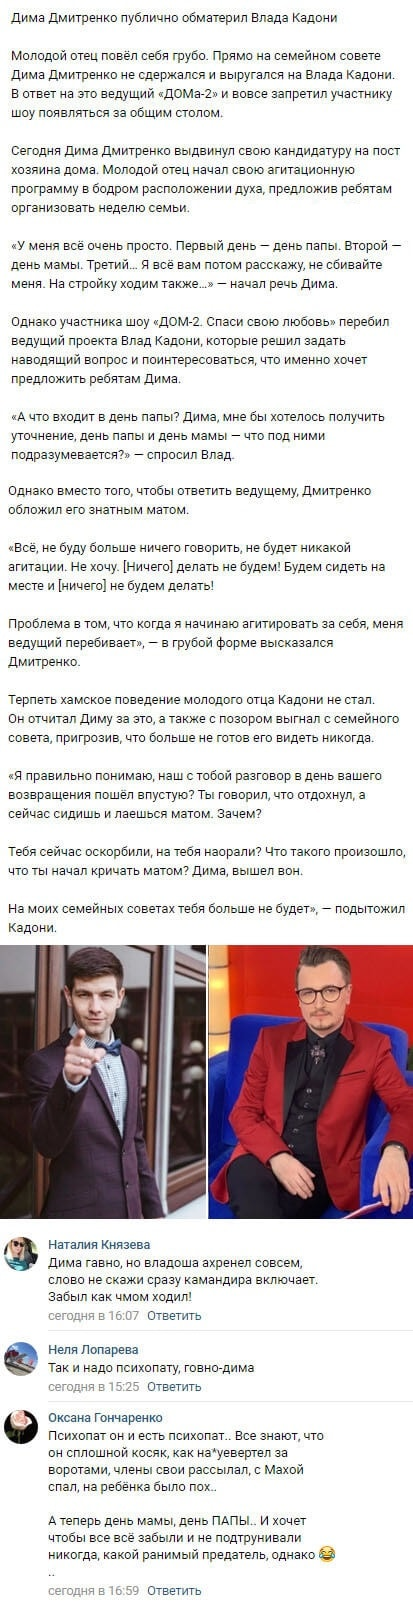 Распсиховавшийся Дмитрий Дмитренко матом ответил Владу Кадони